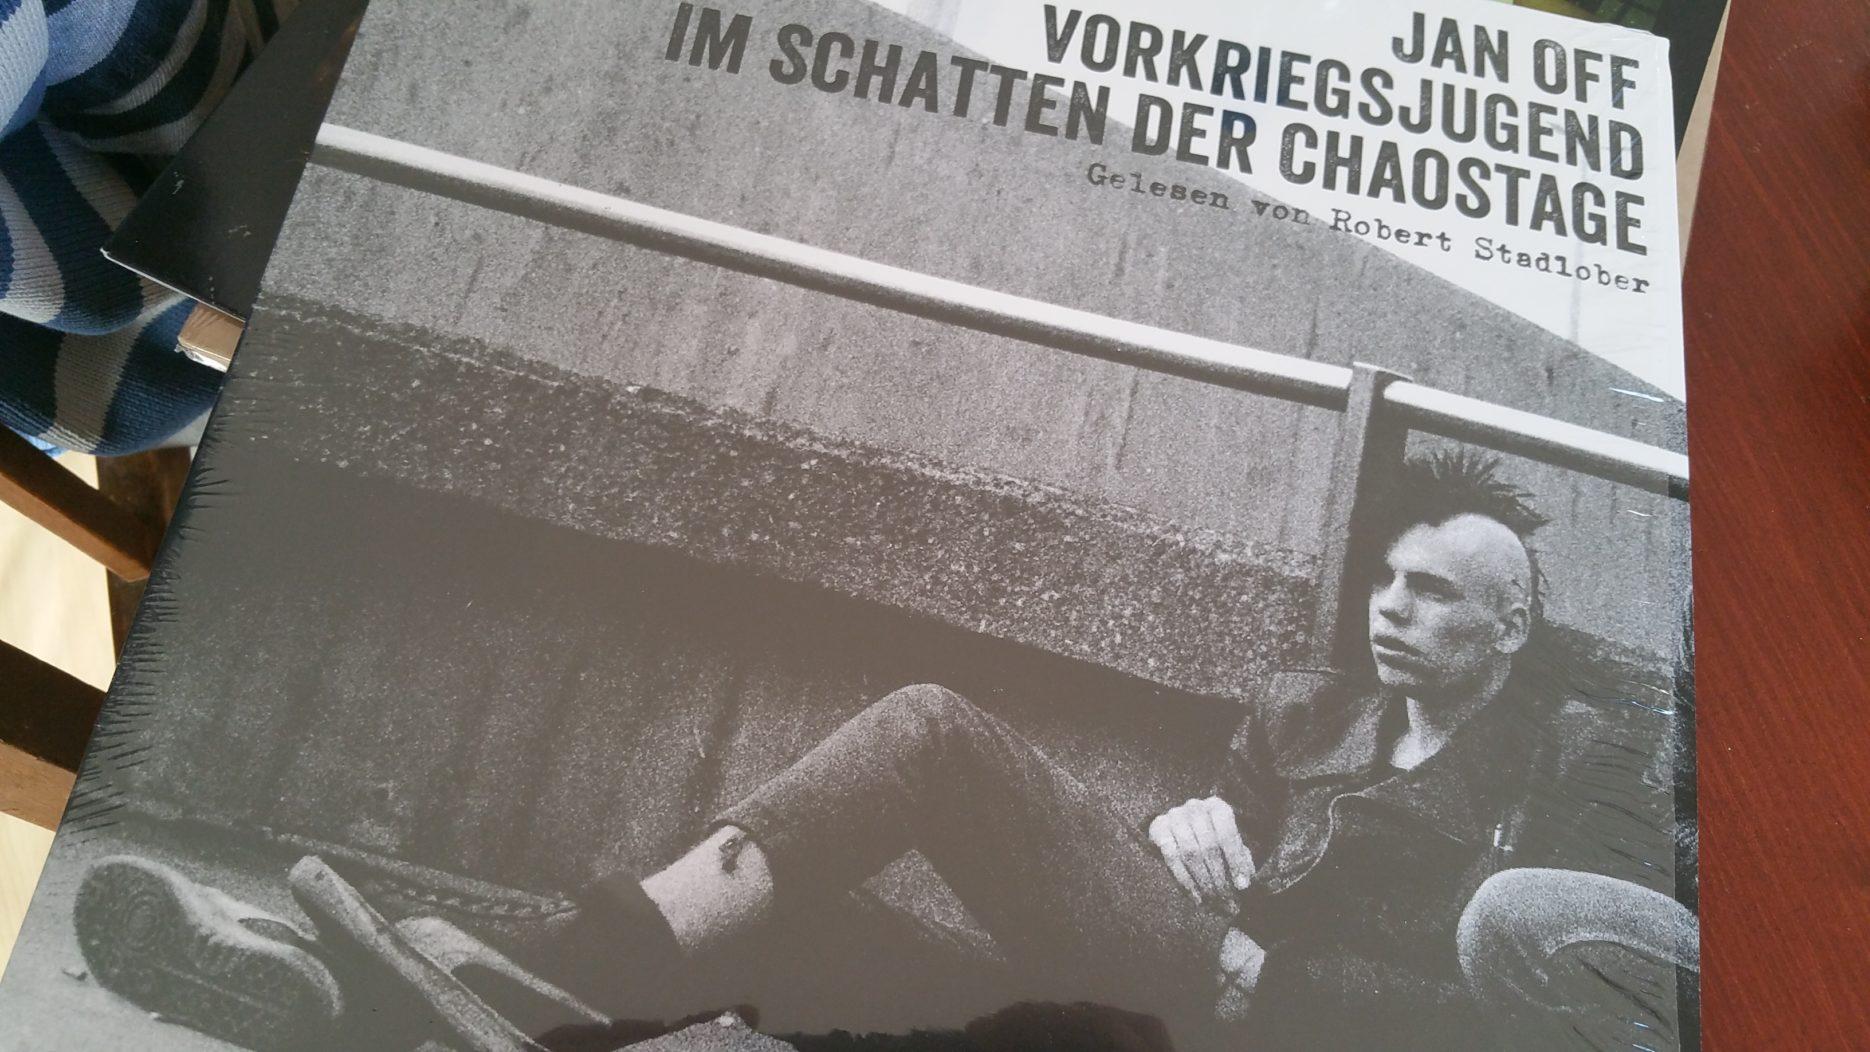 review: JAN OFF – vorkriegsjugend (im schatten der chaostage) LP